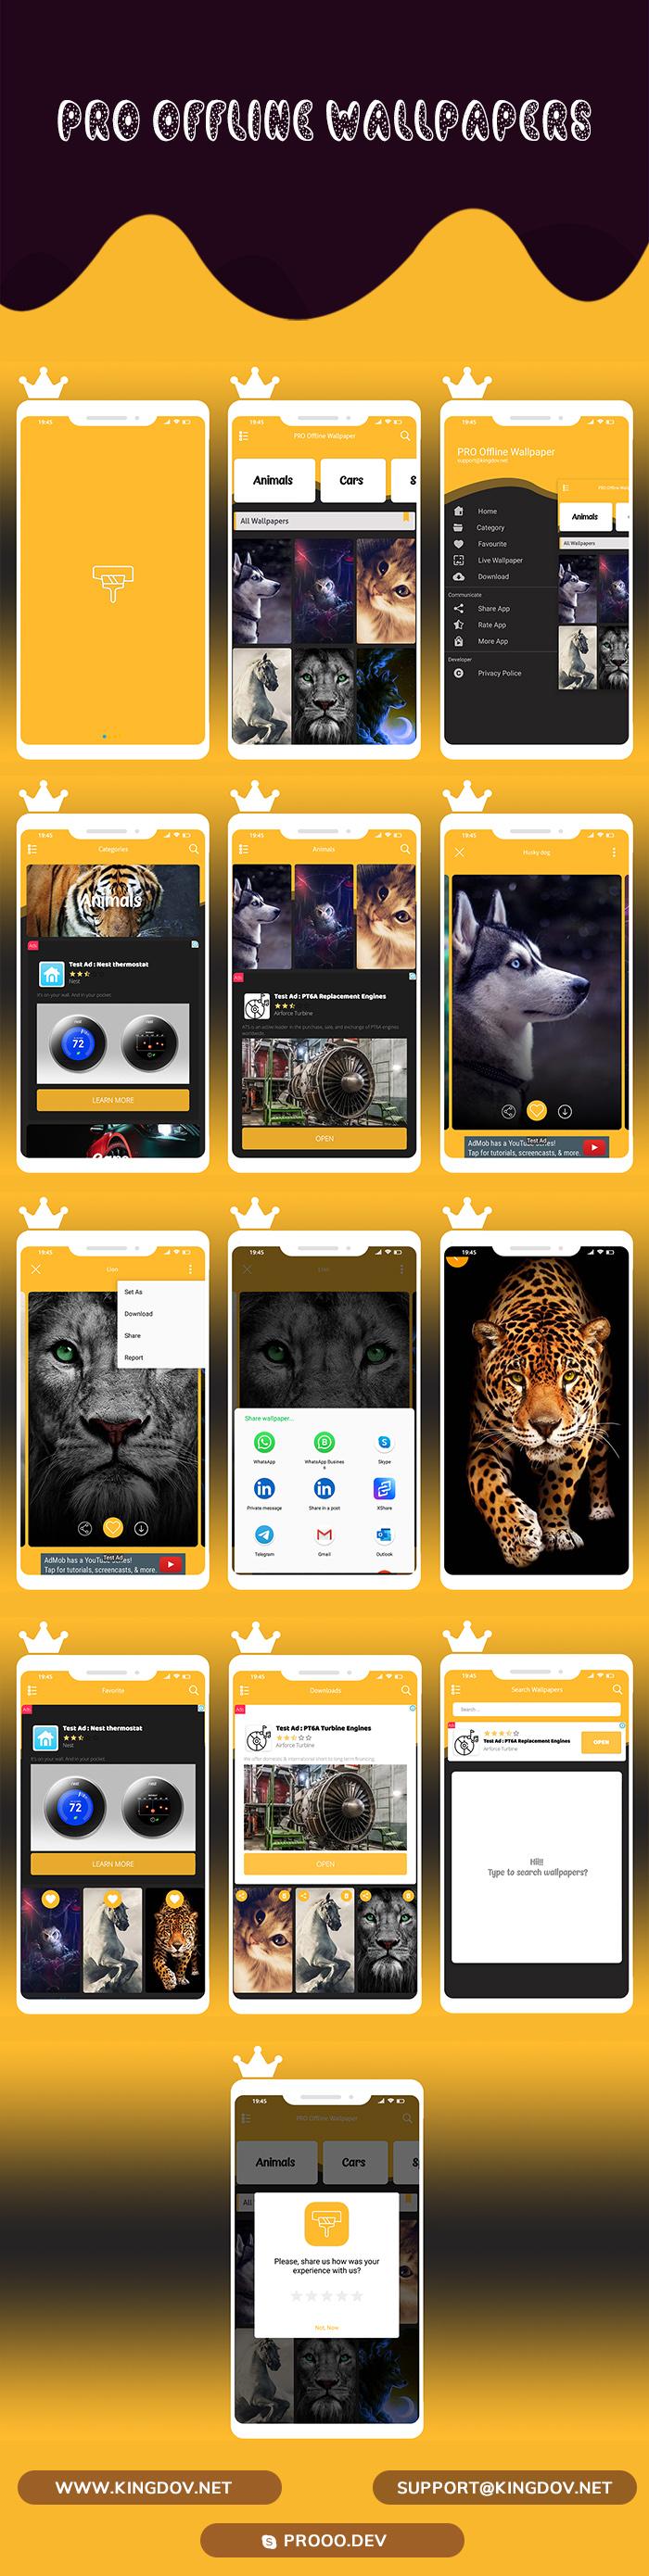 4k PRO Offline Wallpaper 2021 - AdMob & Facebook Ads & Native Ads - 2